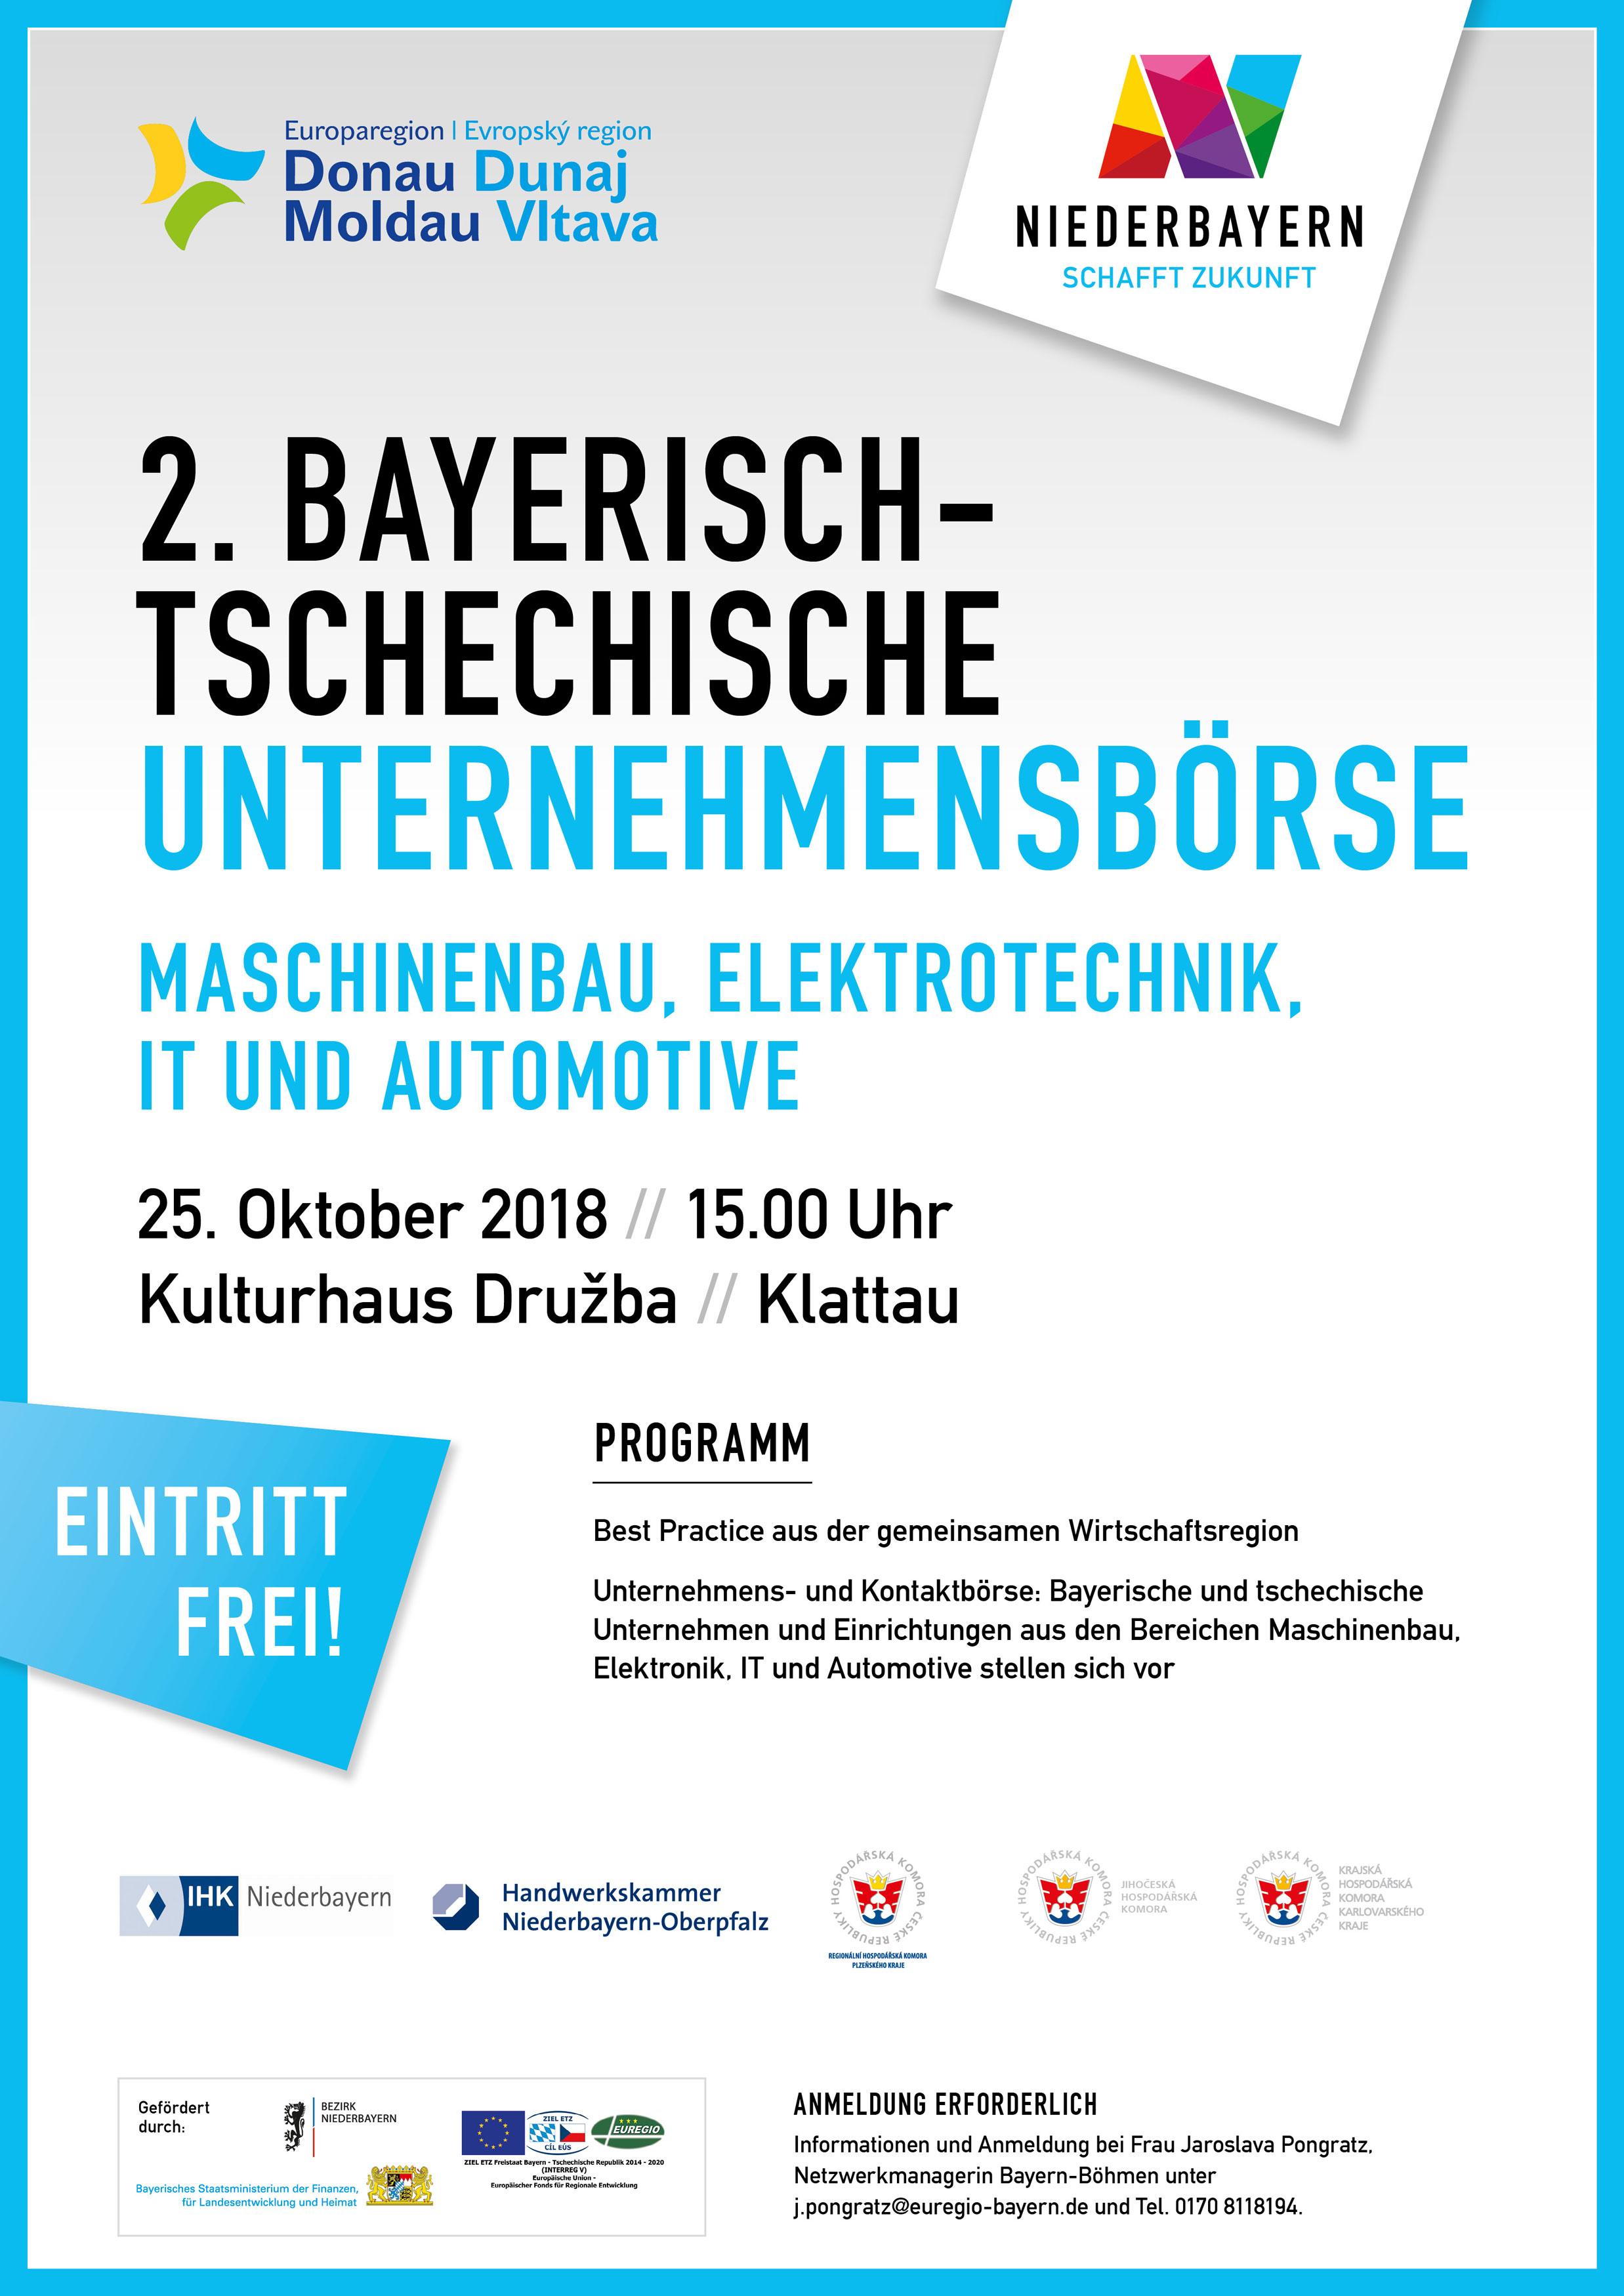 plakat-2-bayerisch-tschechische-unternehmensboerse